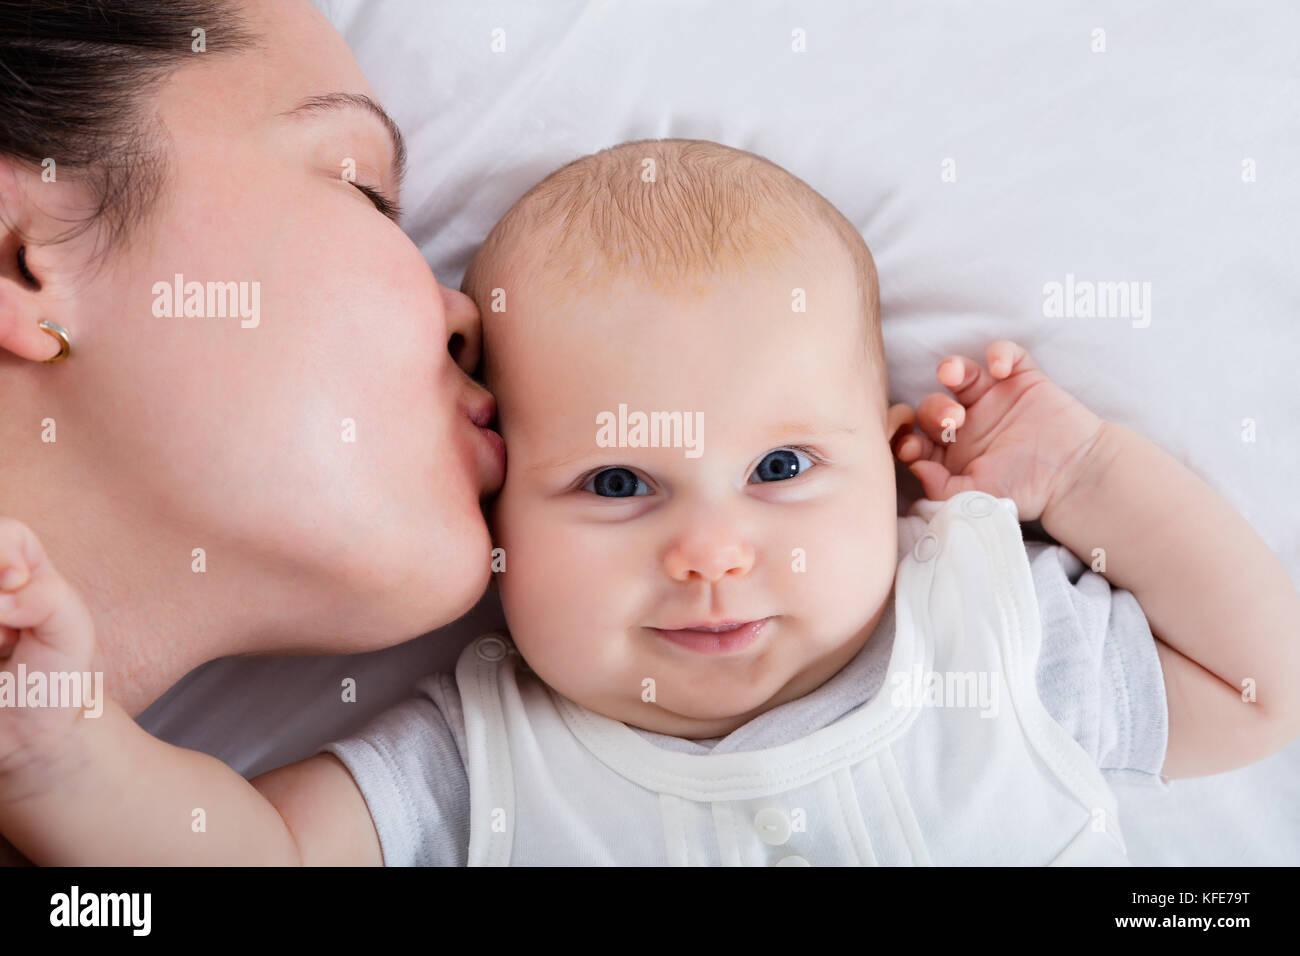 Close-up di una madre baciare il suo bambino sul fronte Immagini Stock